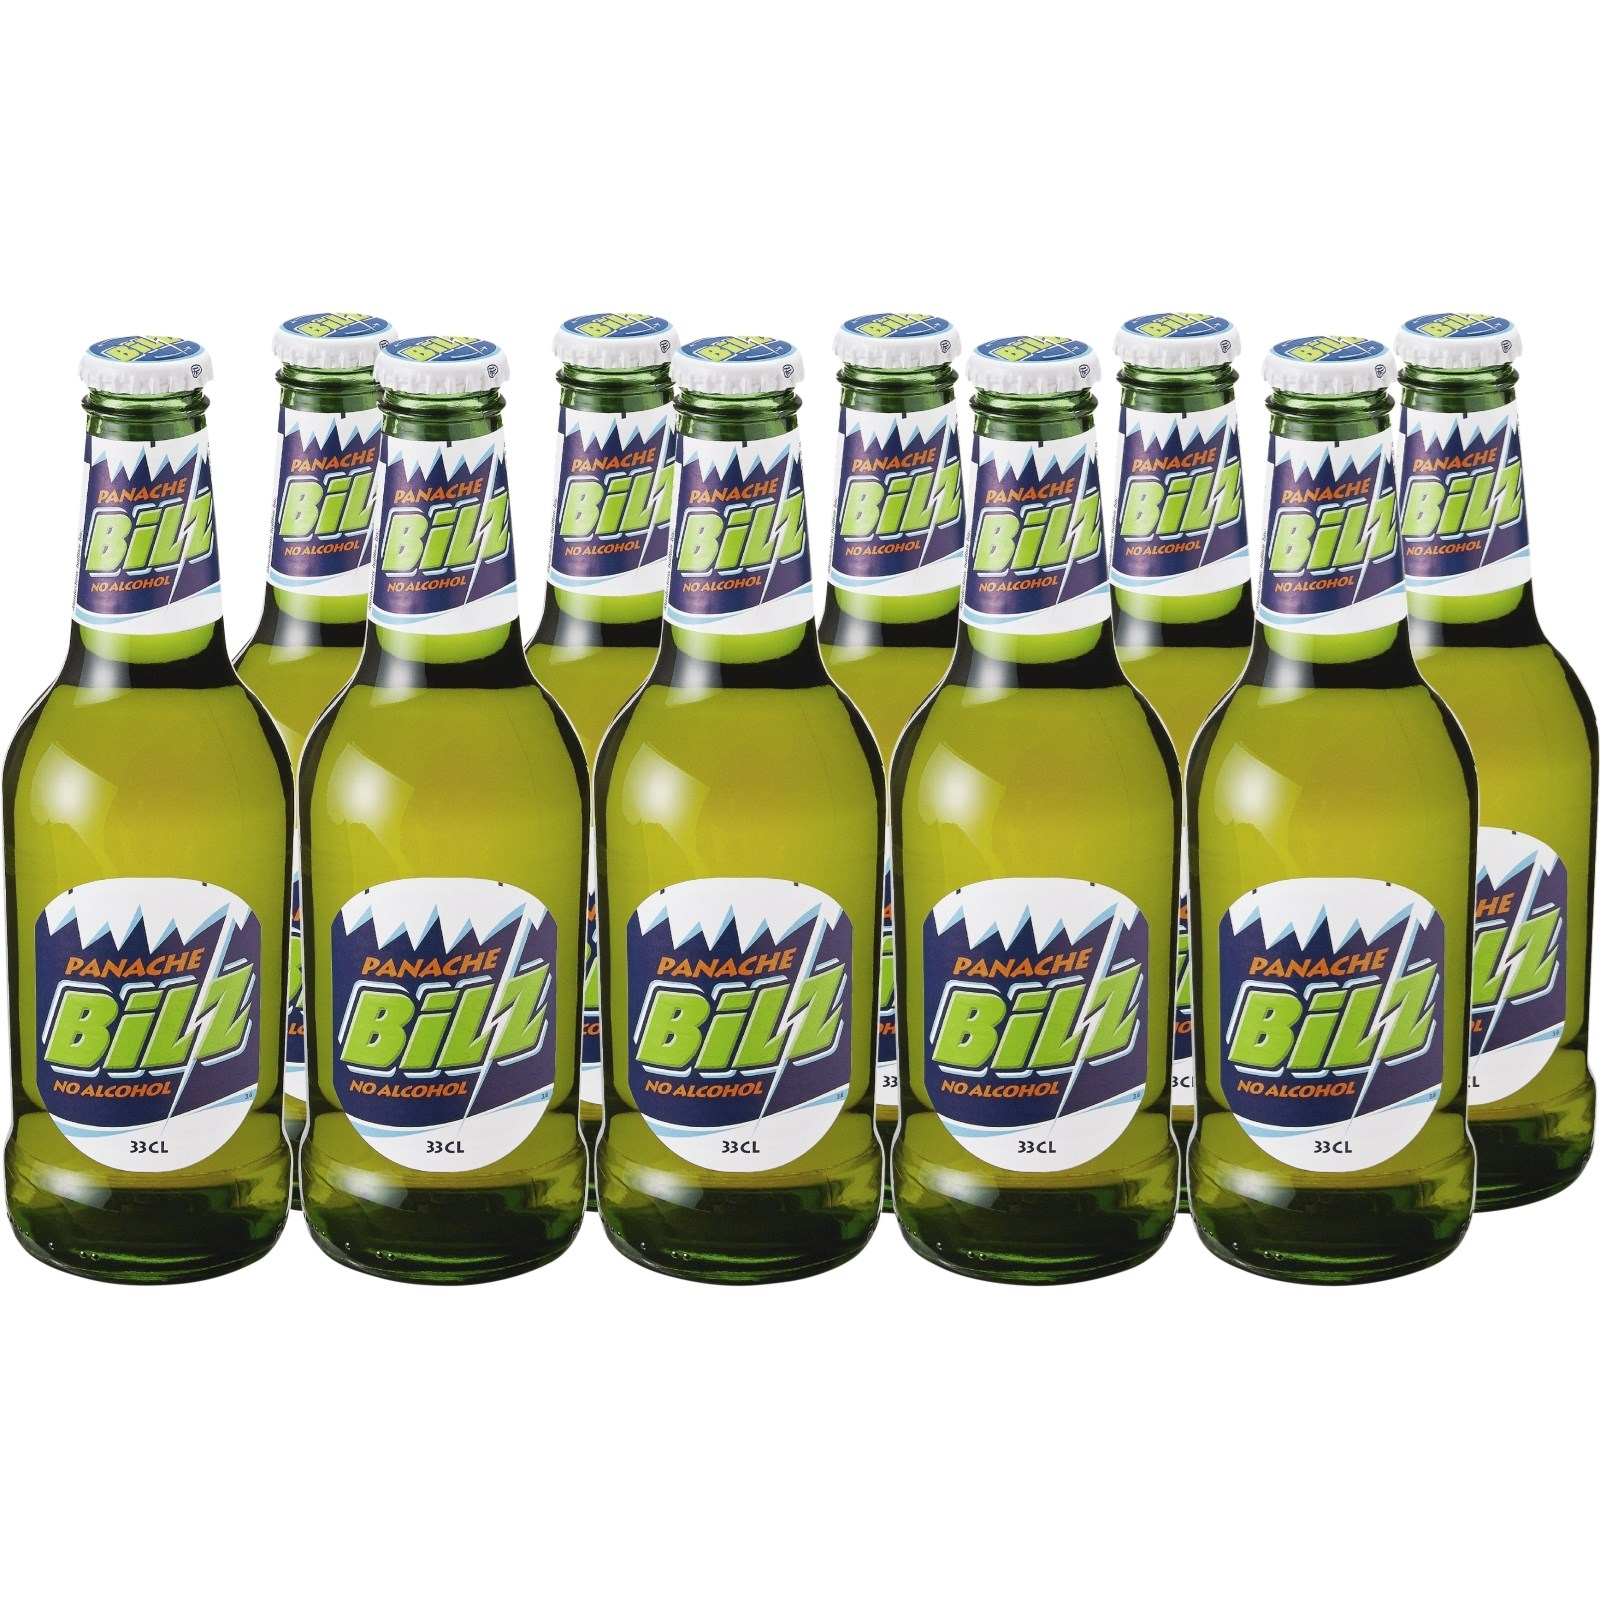 Panaché Bilz 10 × 33 cl - Biere ohne Alkohol - LANDI